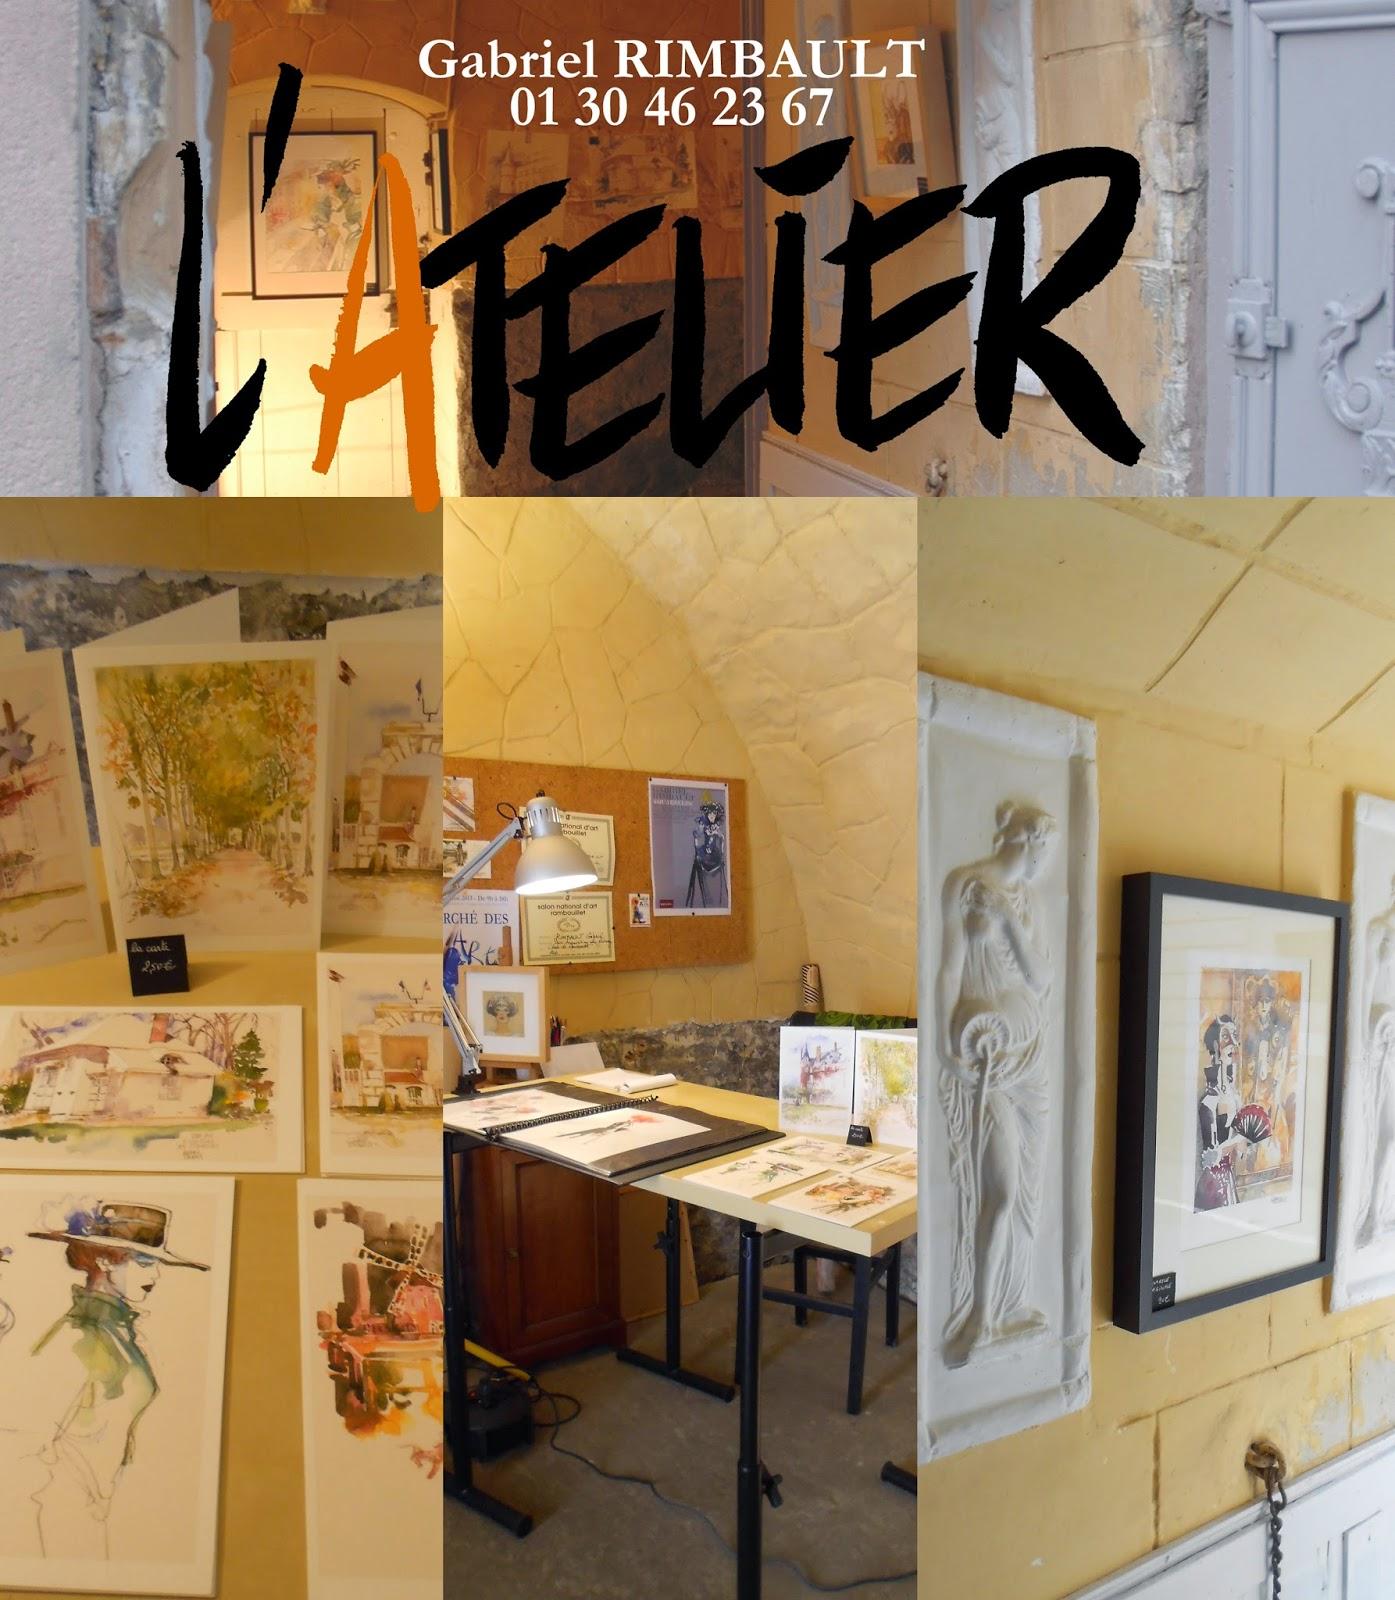 gabriel rimbault illustrateur. Black Bedroom Furniture Sets. Home Design Ideas